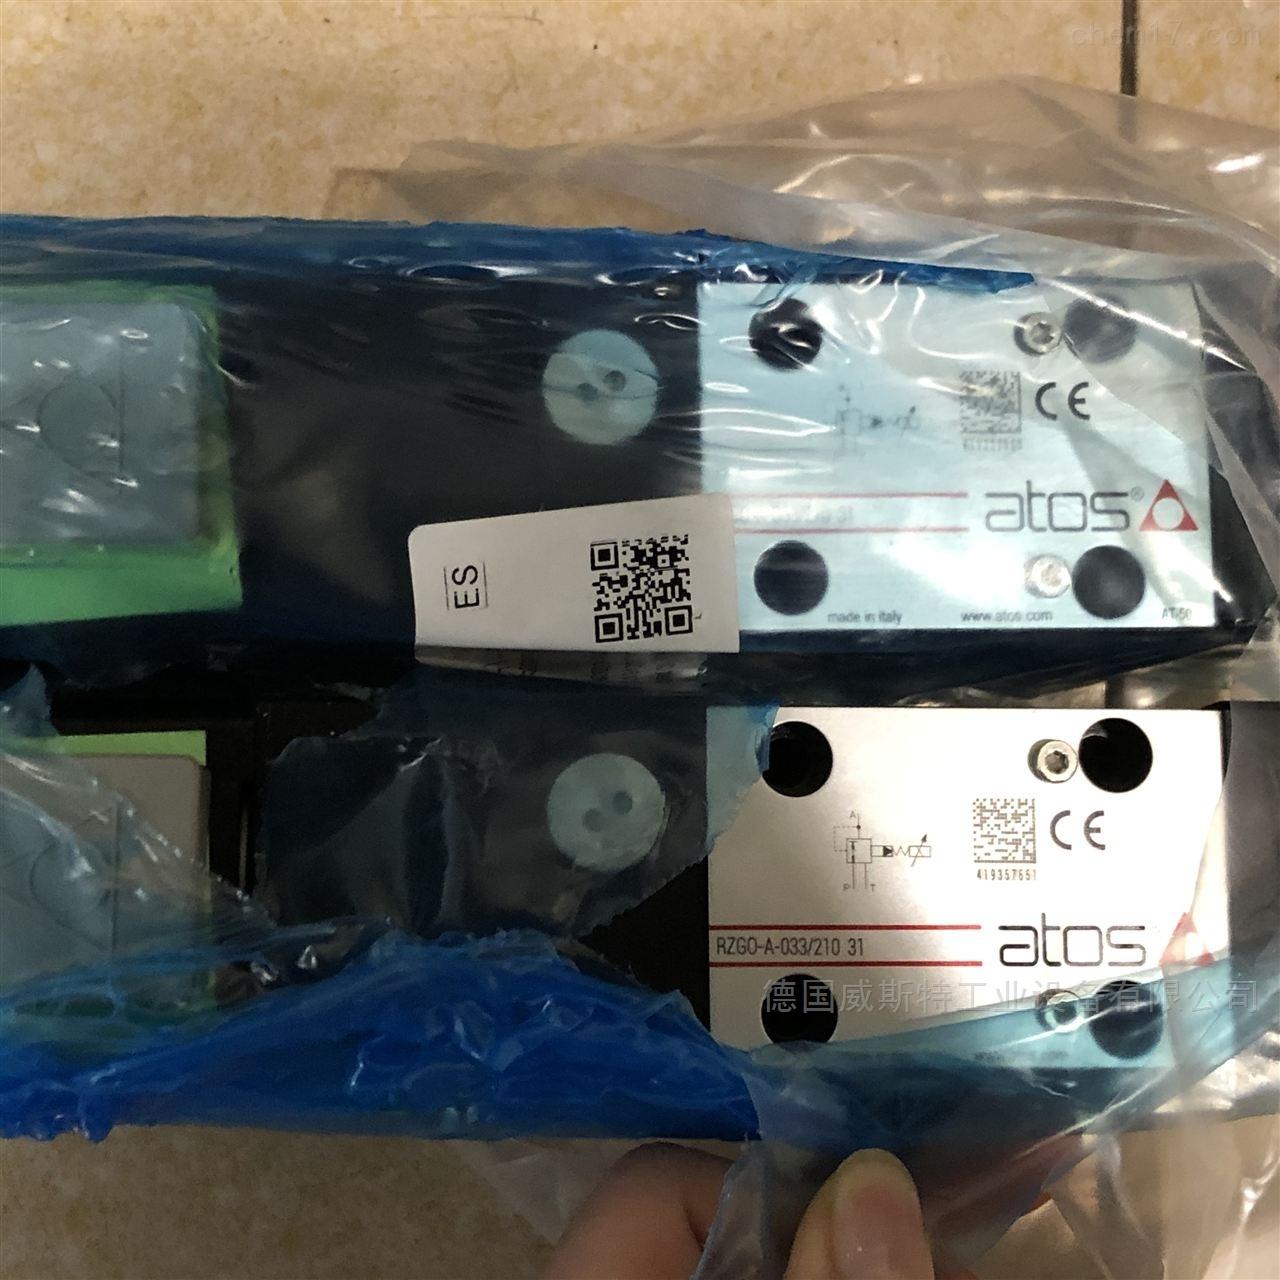 原装意大利ATOS电液换向阀DPHI型